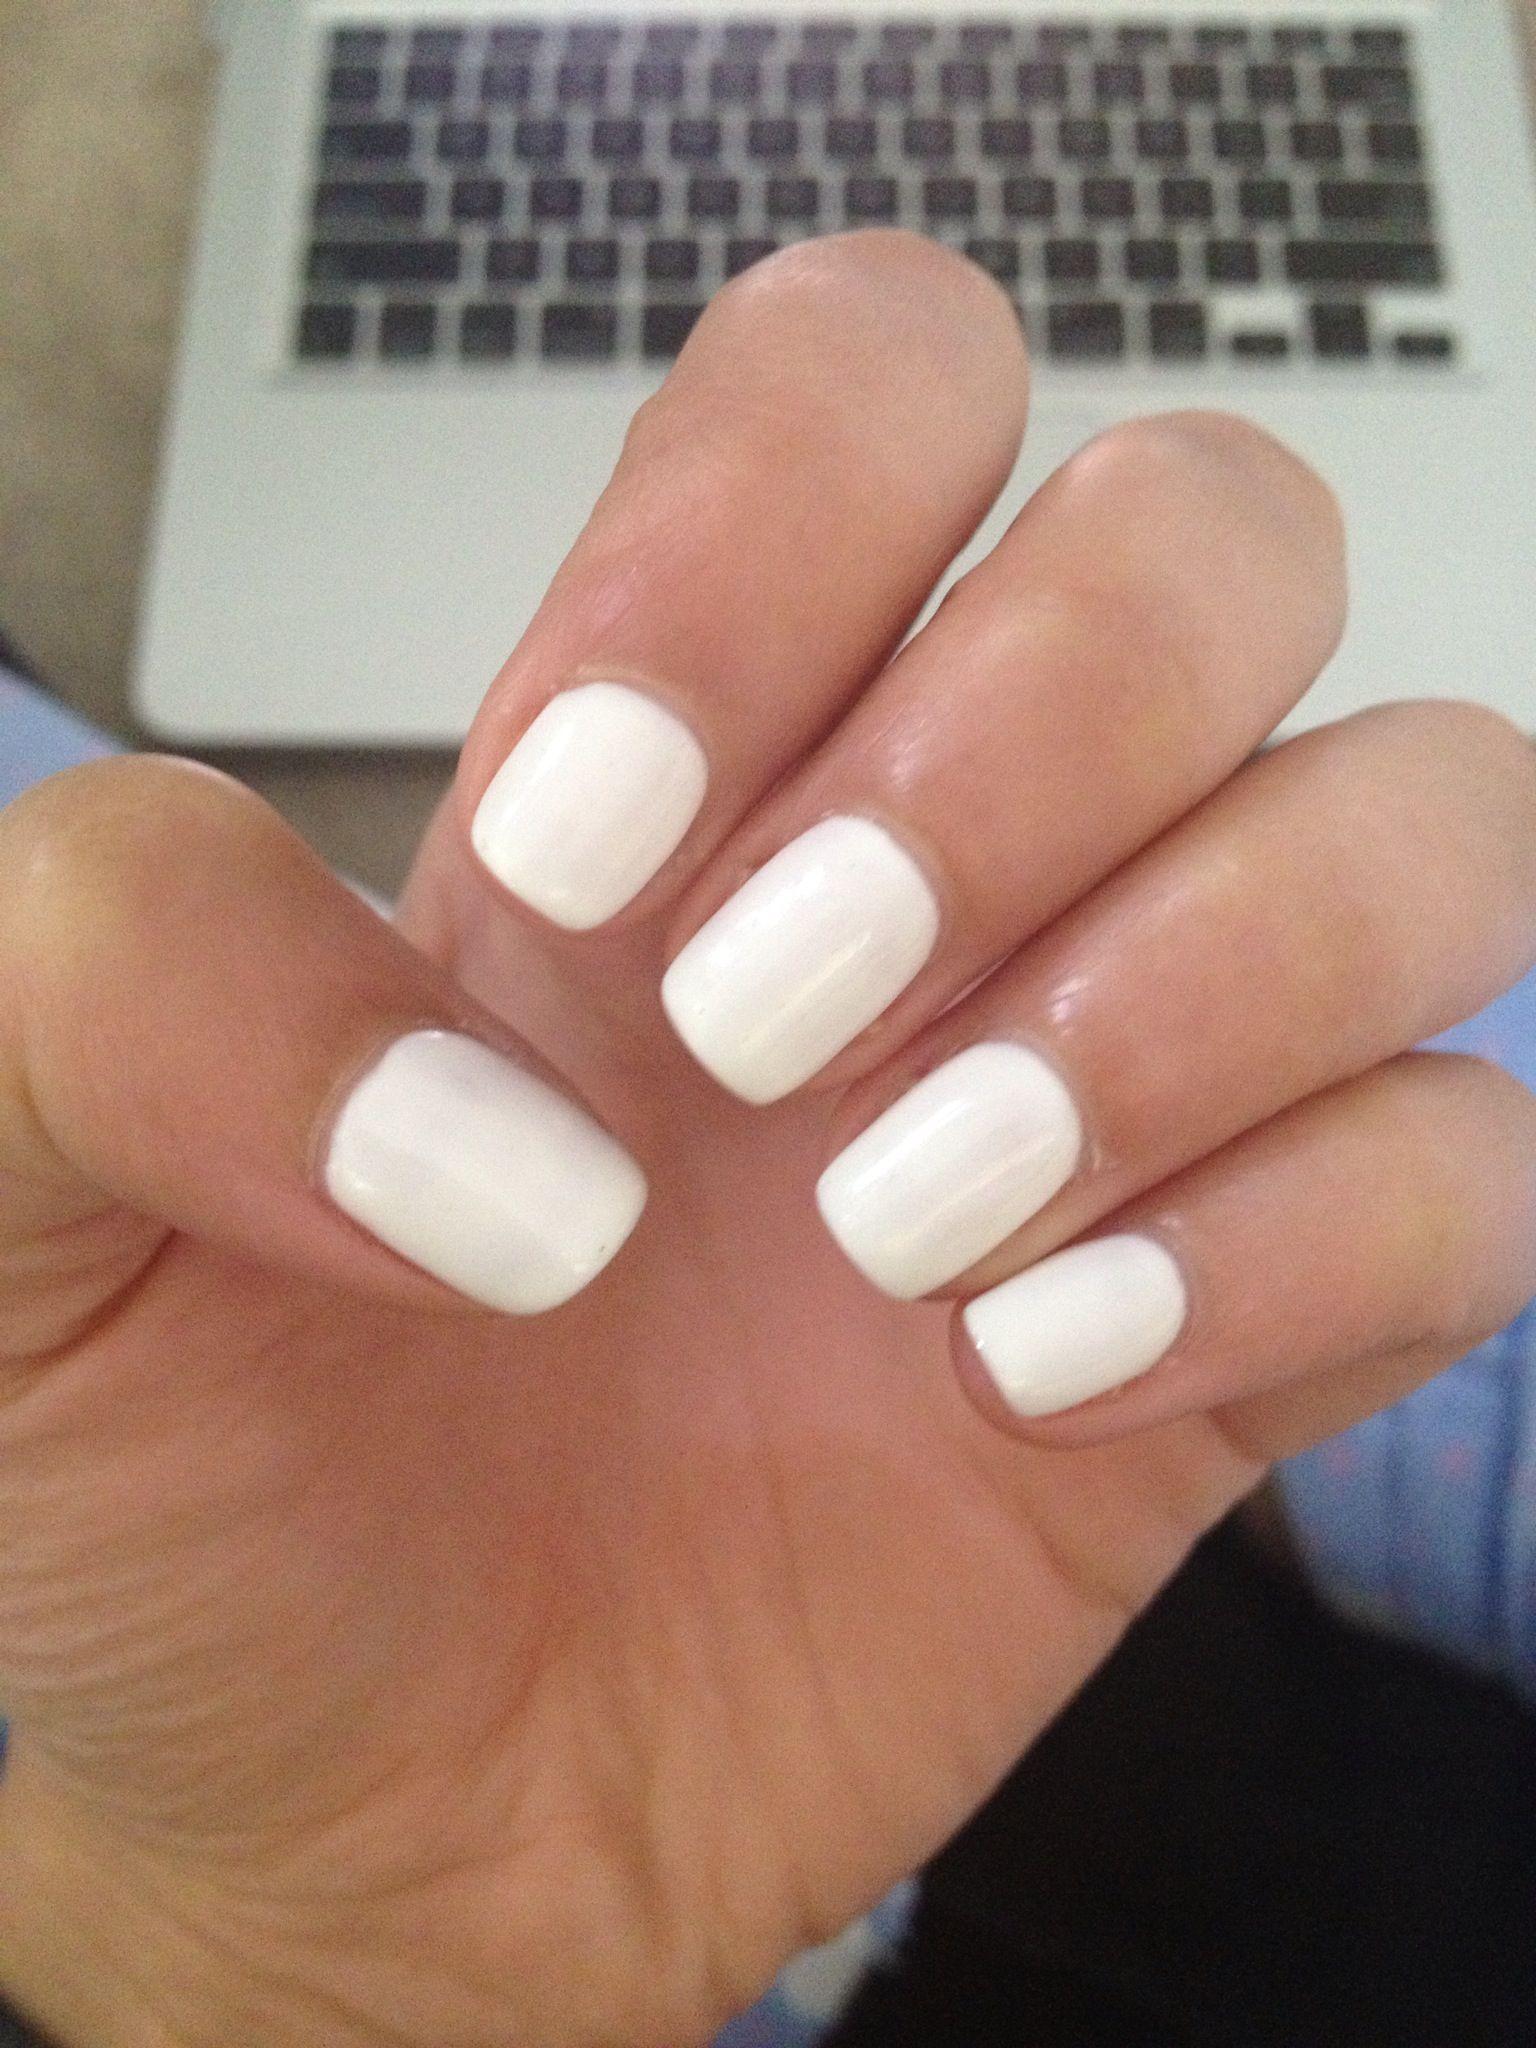 Shellac White Nails Nails By Me White Shellac Nails White Nails White Manicure